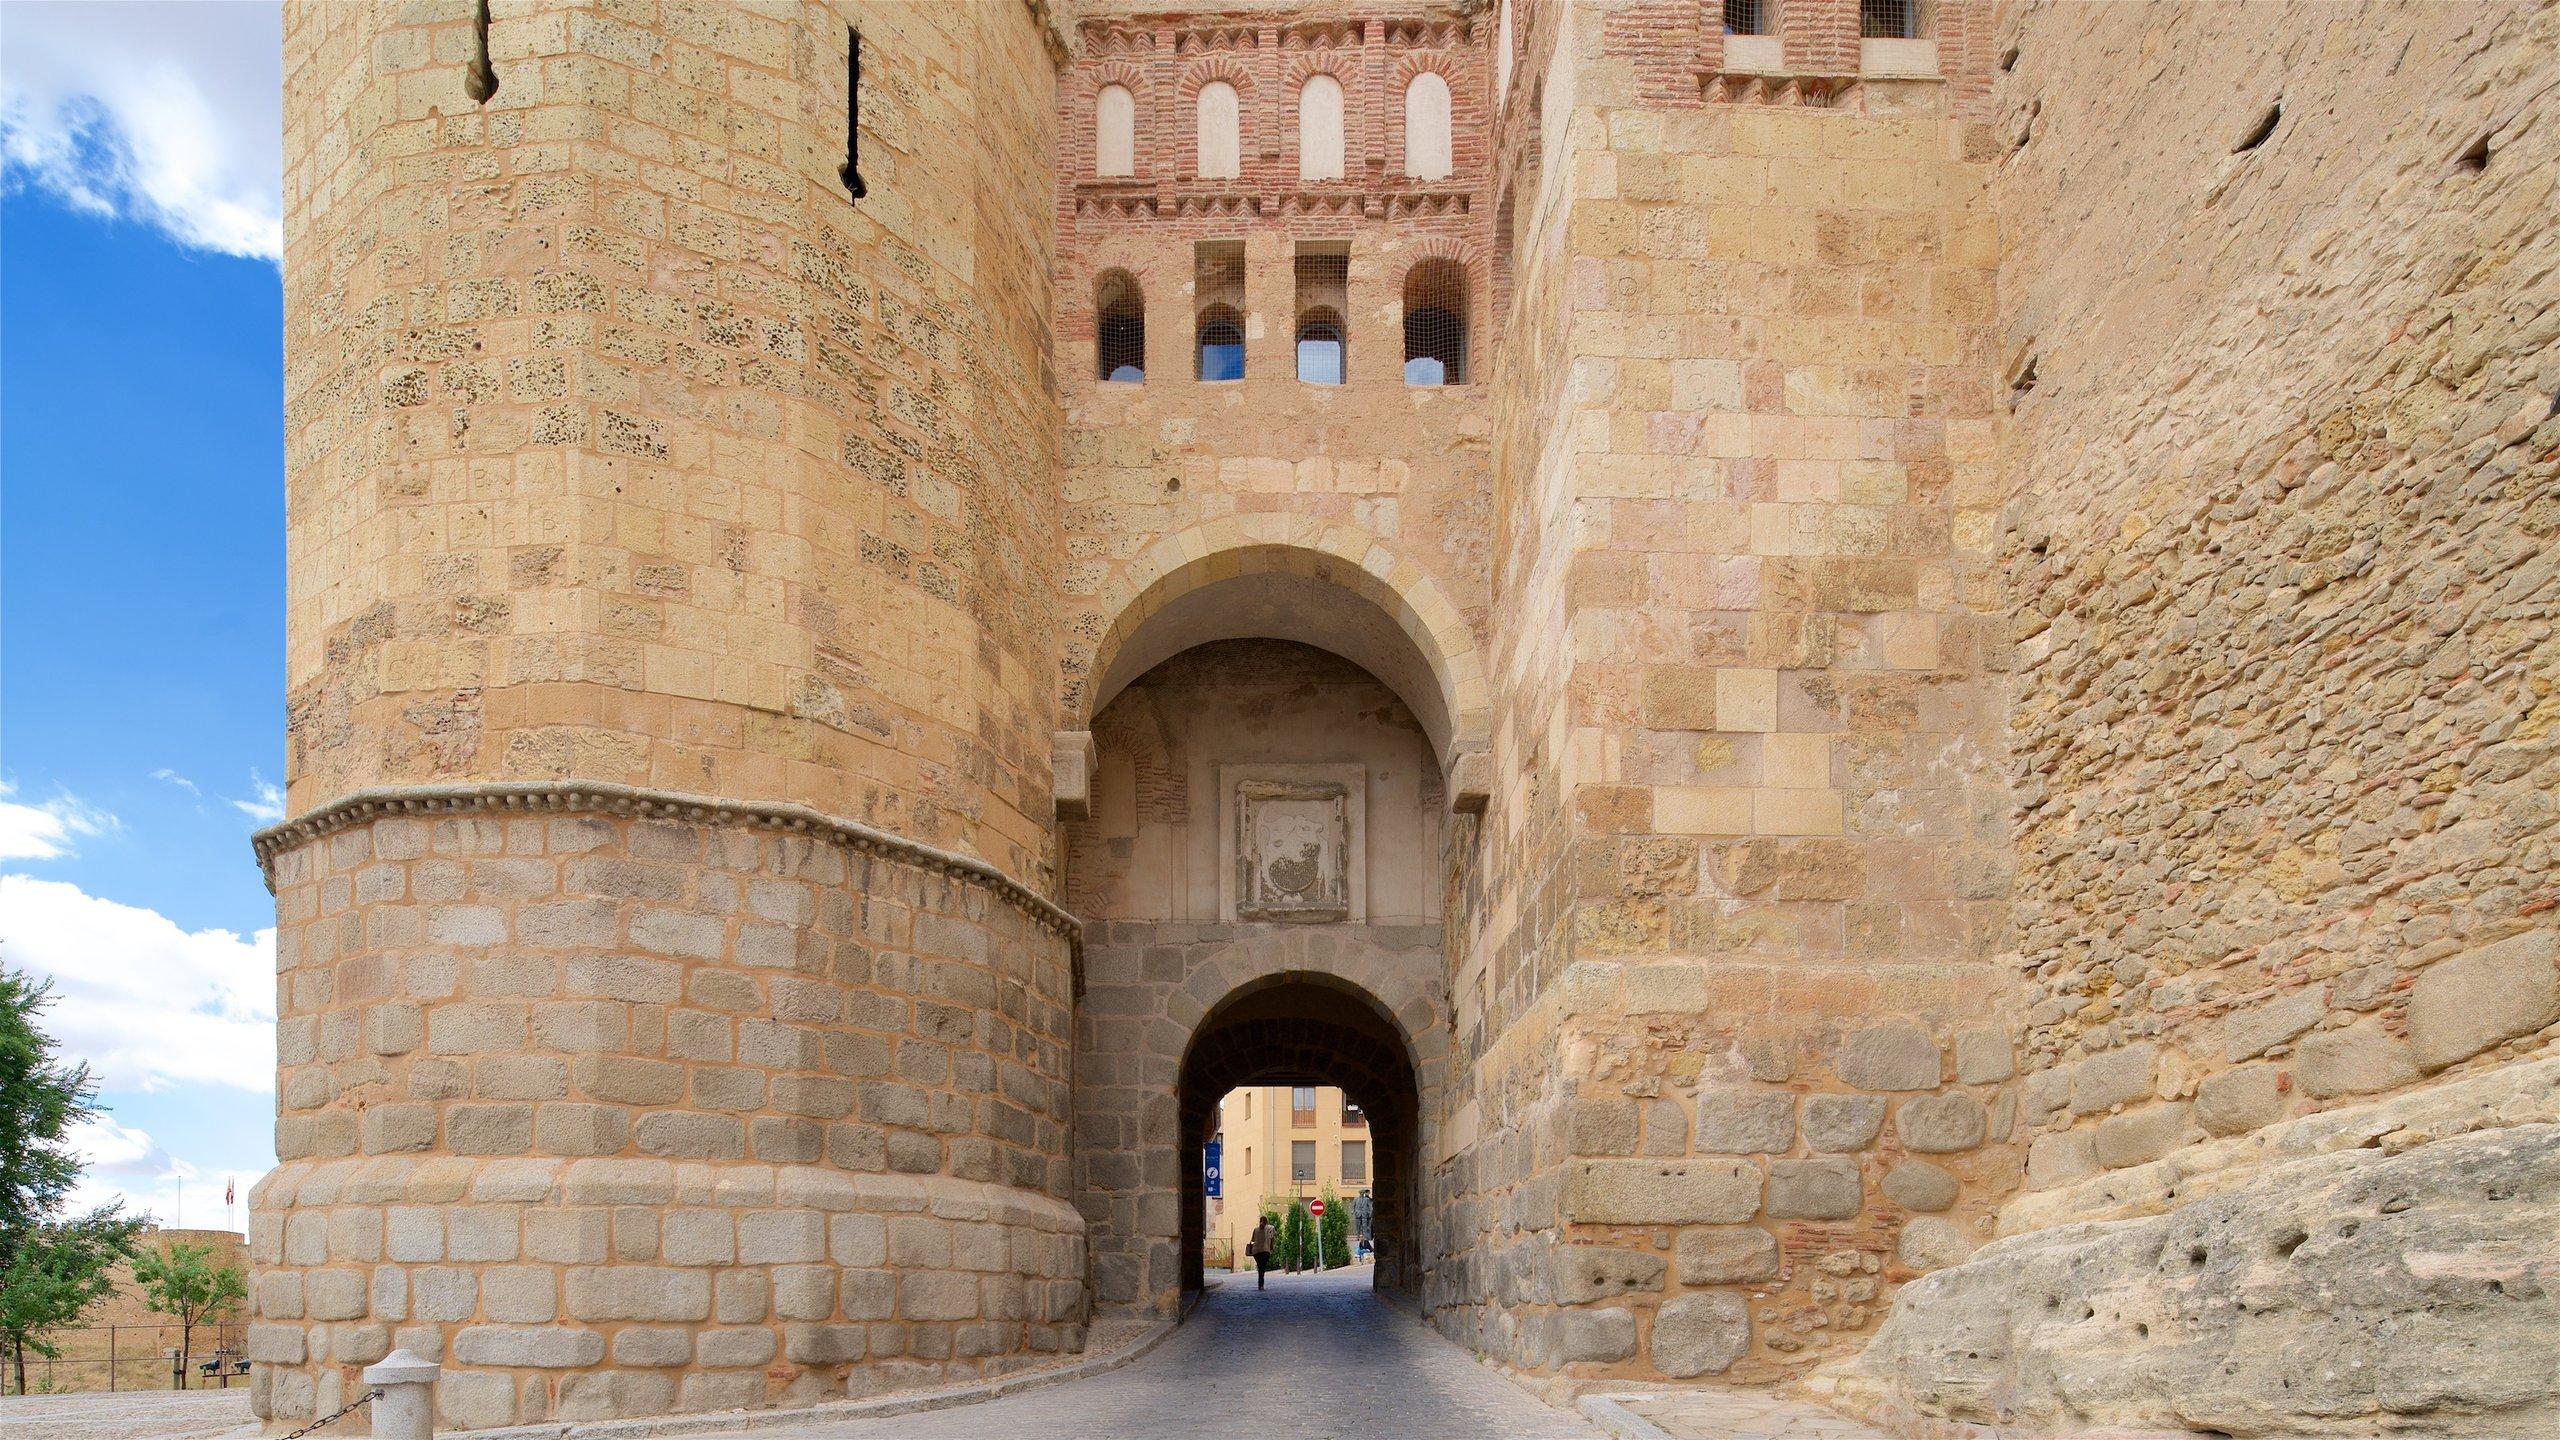 Vorresti conoscere la lunga storia di Segovia? Scoprila con una visita a Puerta de San Andrés, è davvero affascinante. Durante il tuo soggiorno in questa zona perfetta per passeggiare, ritagliati un po' di tempo per la sua stupenda cattedrale.